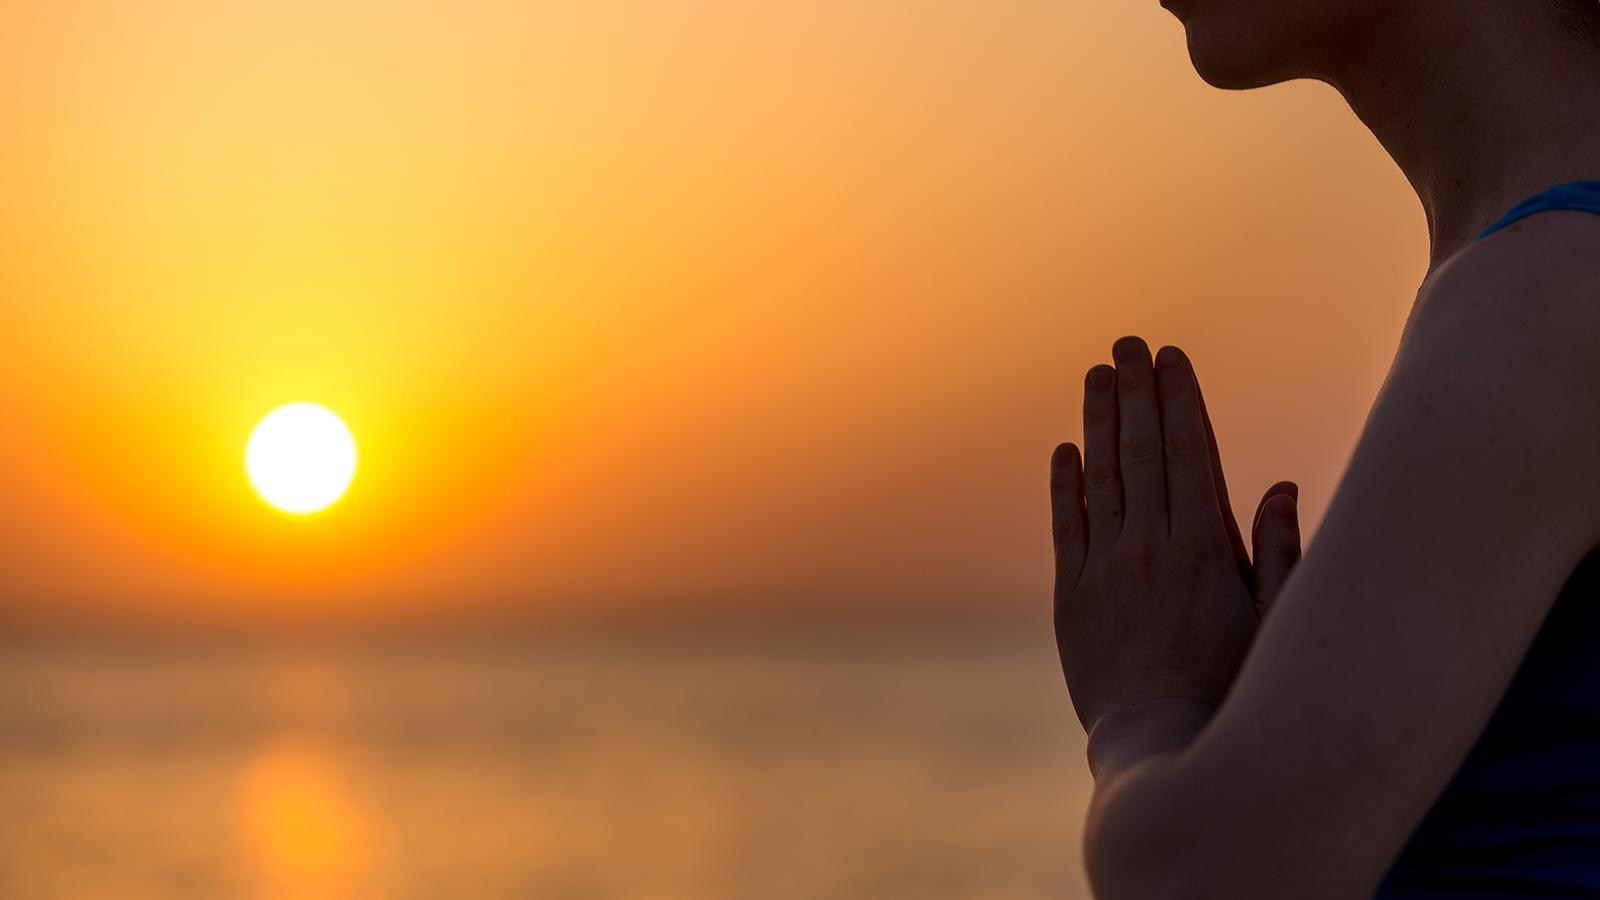 Terapia espiritual versus cura espiritual